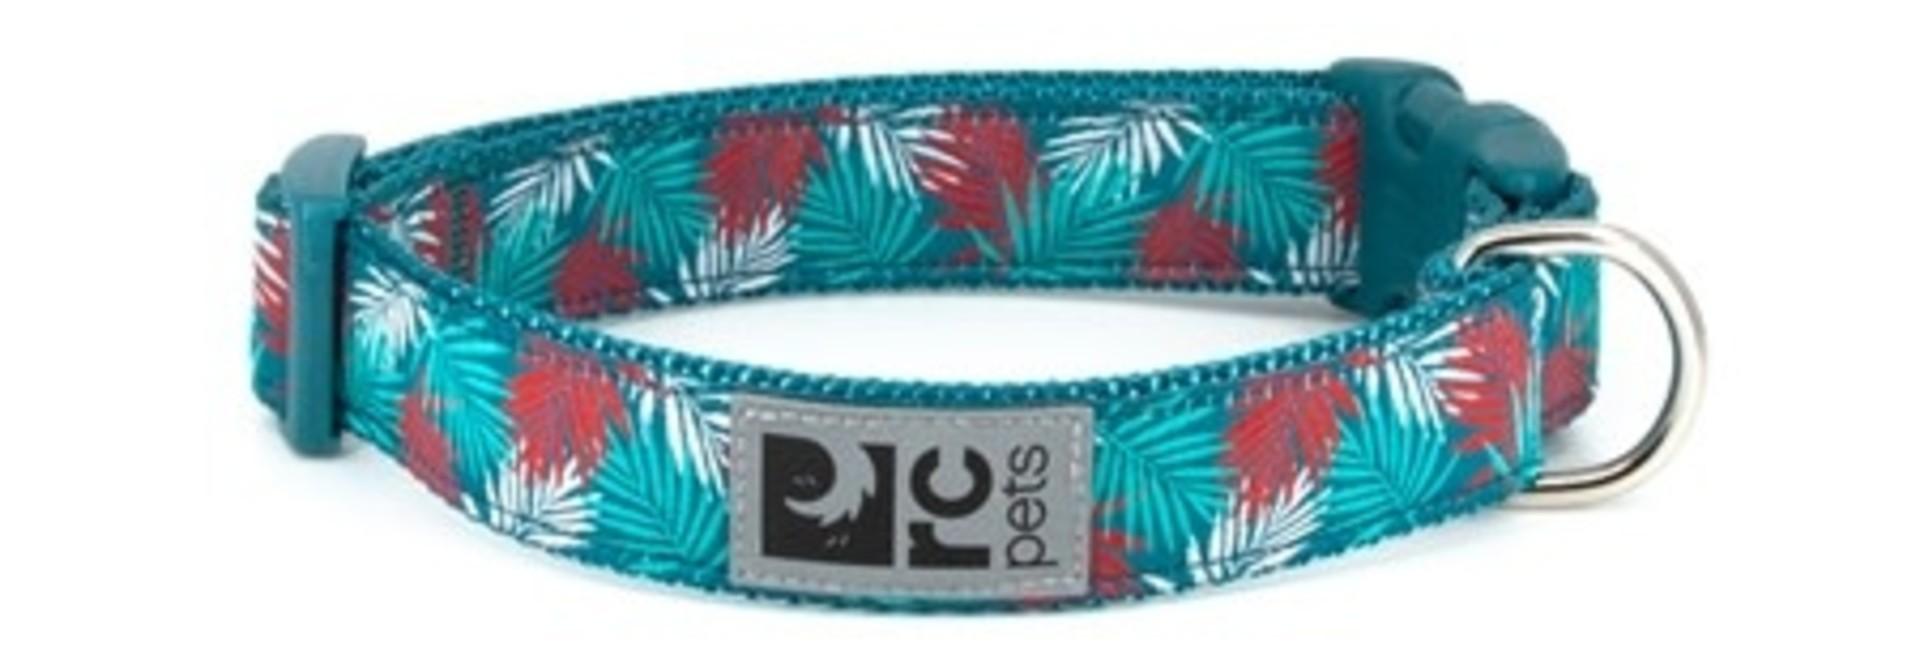 Clip Collar S3/4 Maldives